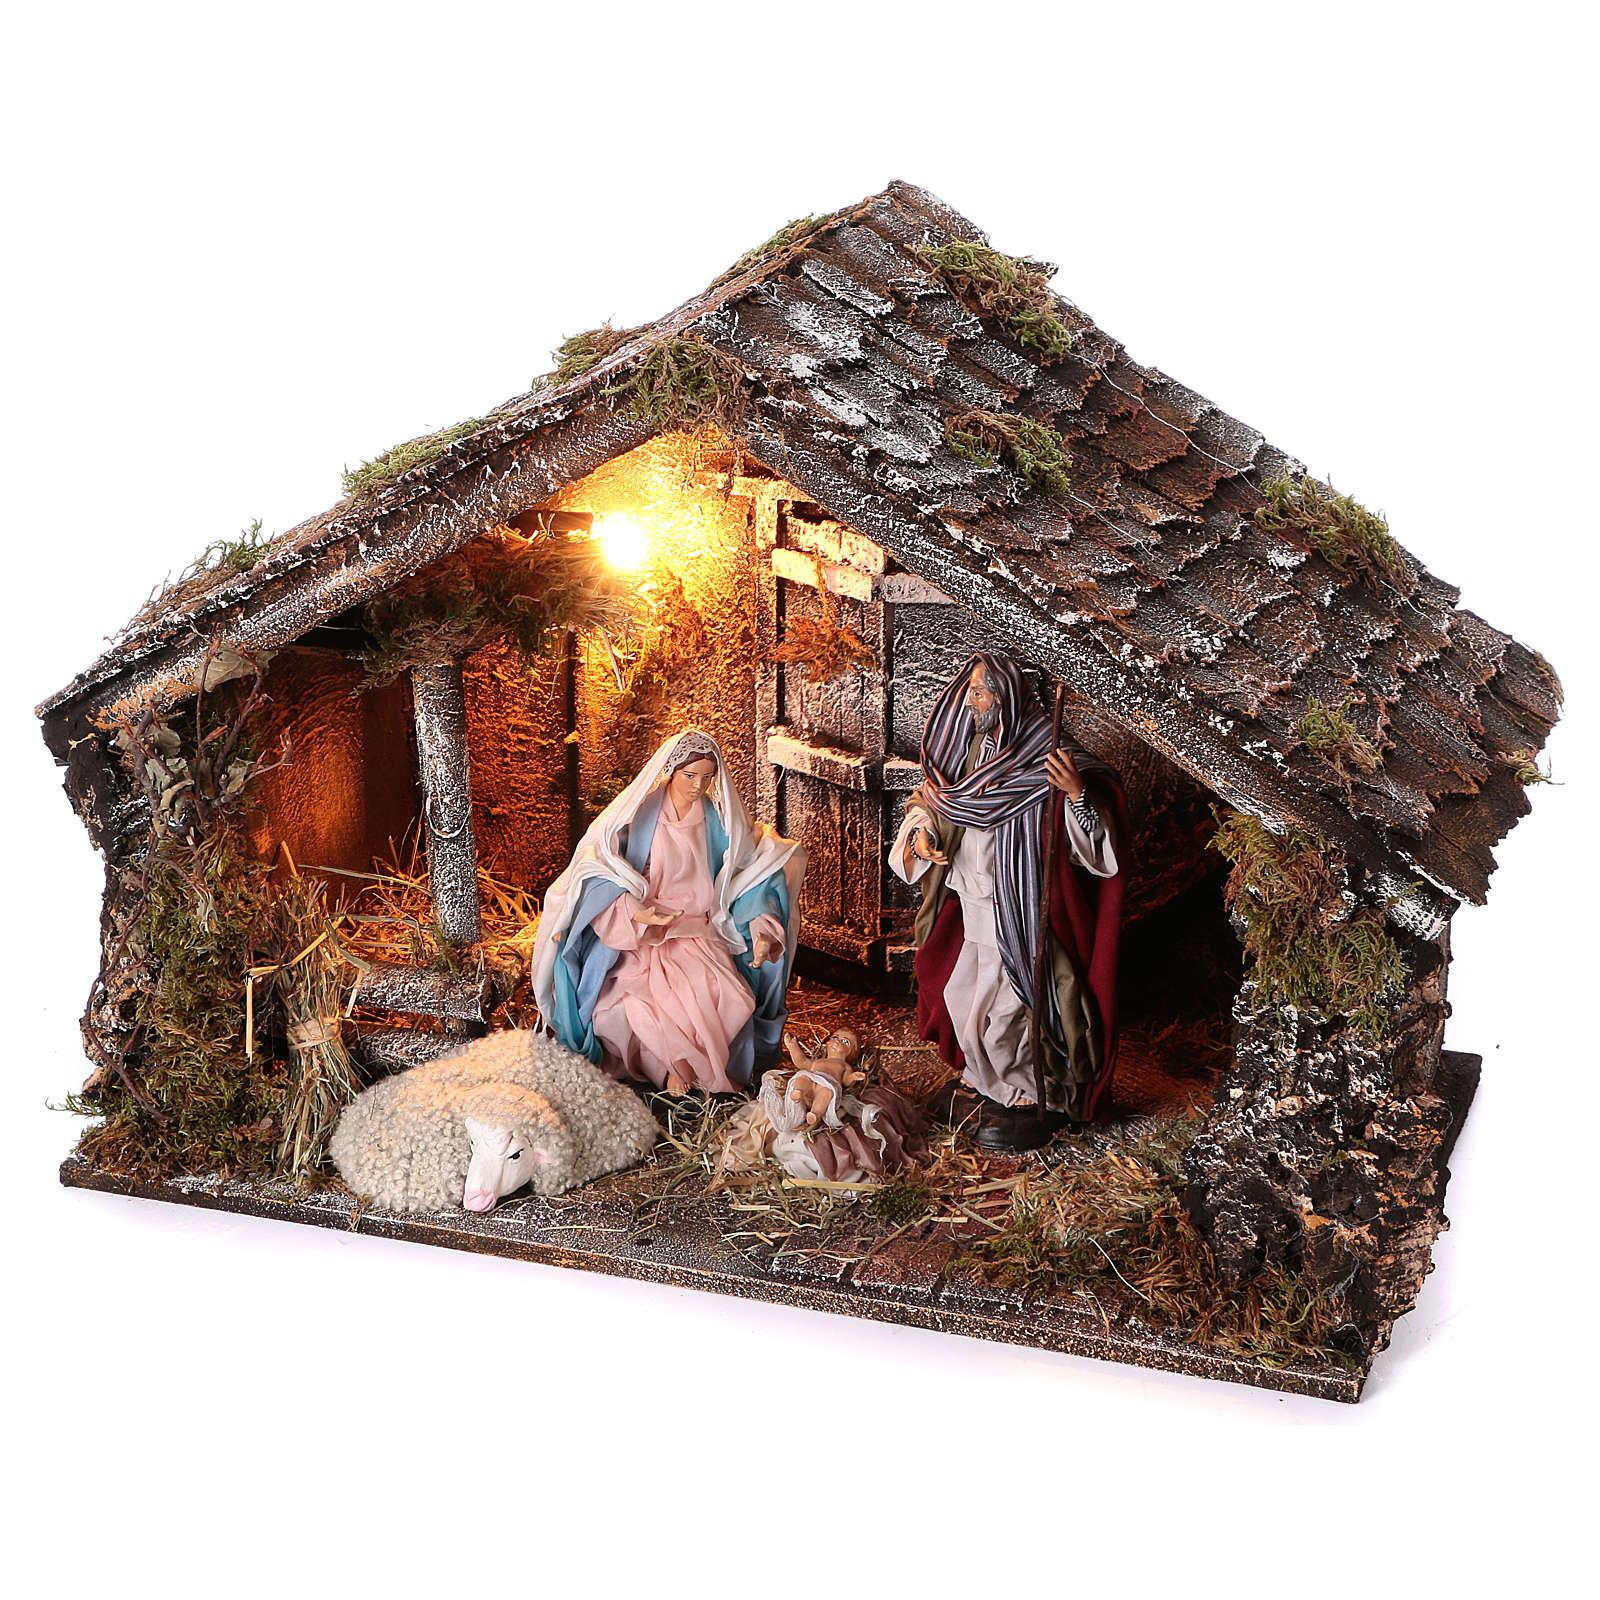 Cabaña con Natividad de madera 22 cm belén napolitano 45x65x35 cm 4